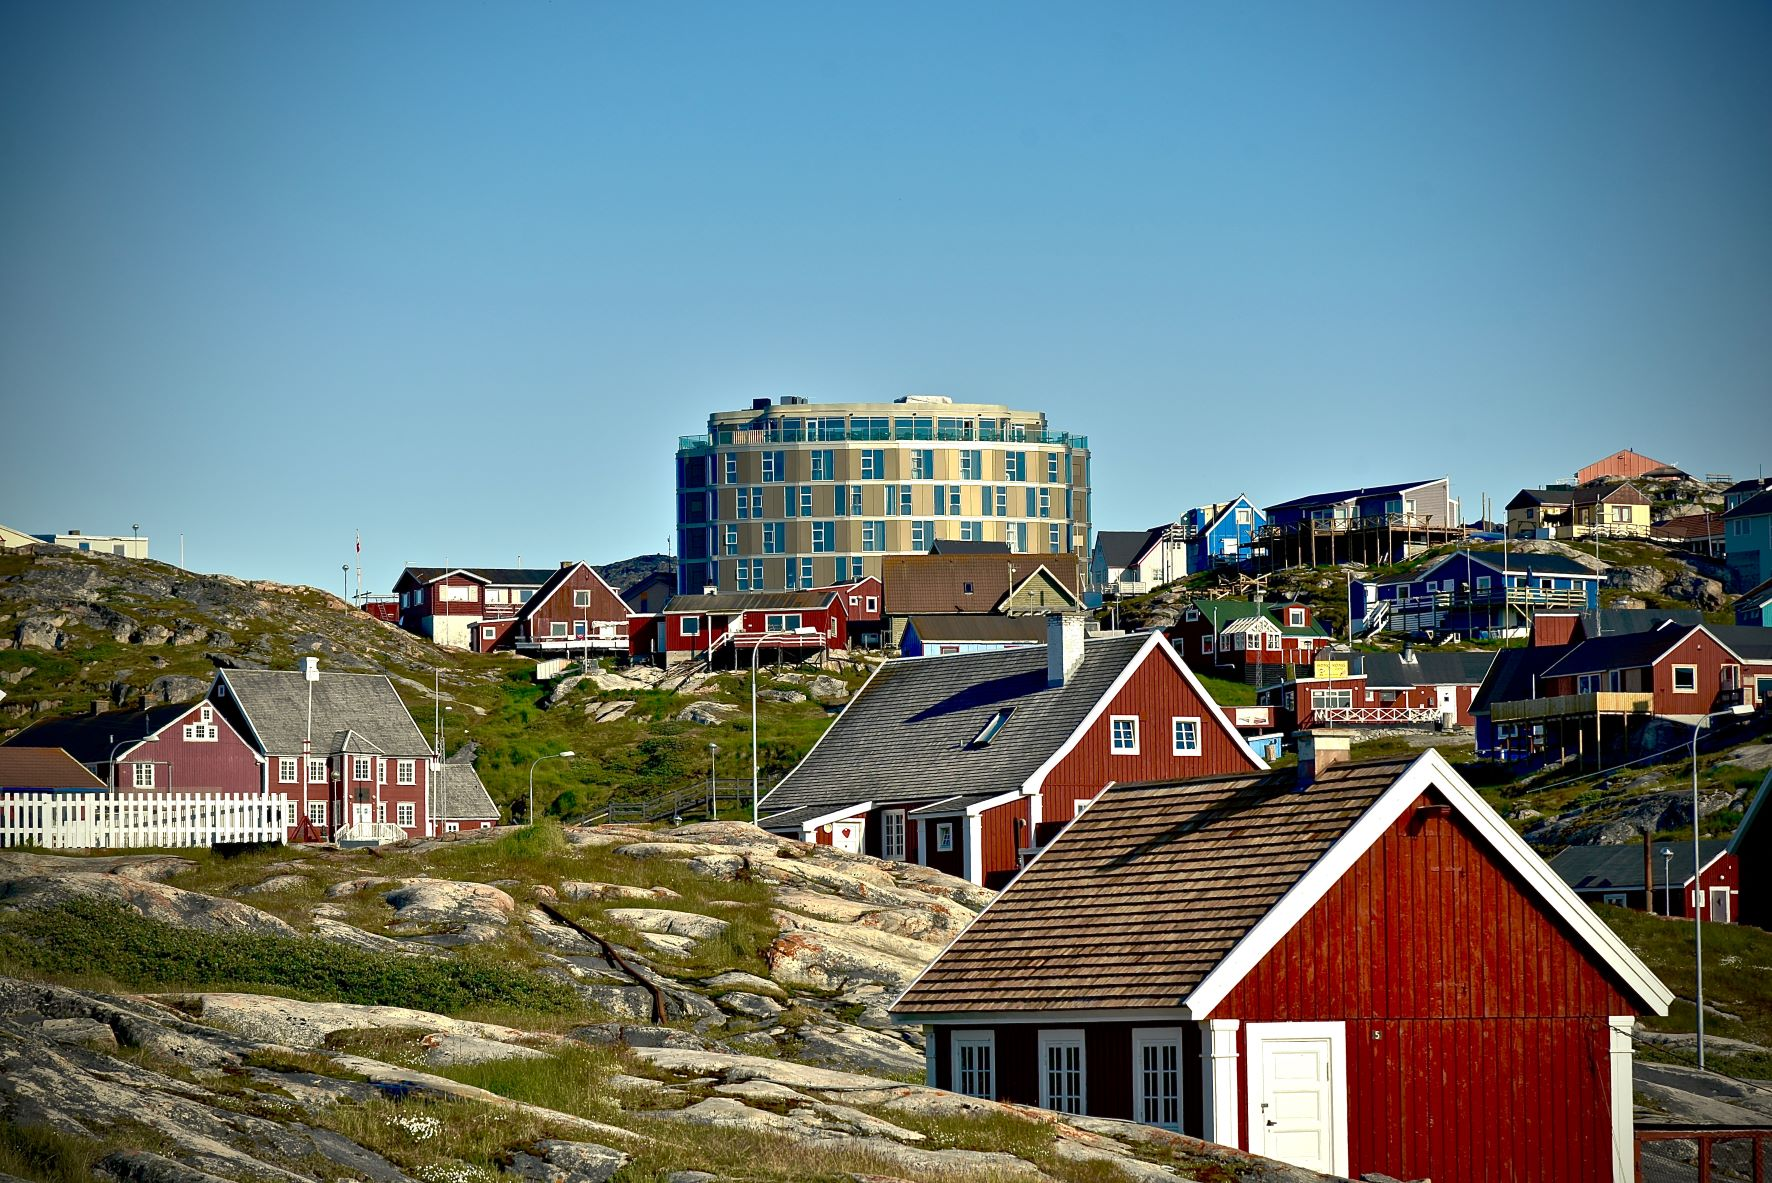 Grønland har efter et langt tilløb fået sin første internationale hotelkæde, Best Western, i Ilulissat. Hotellet er den runde, gyldne bygning på billedet. PR-foto: Best Western.